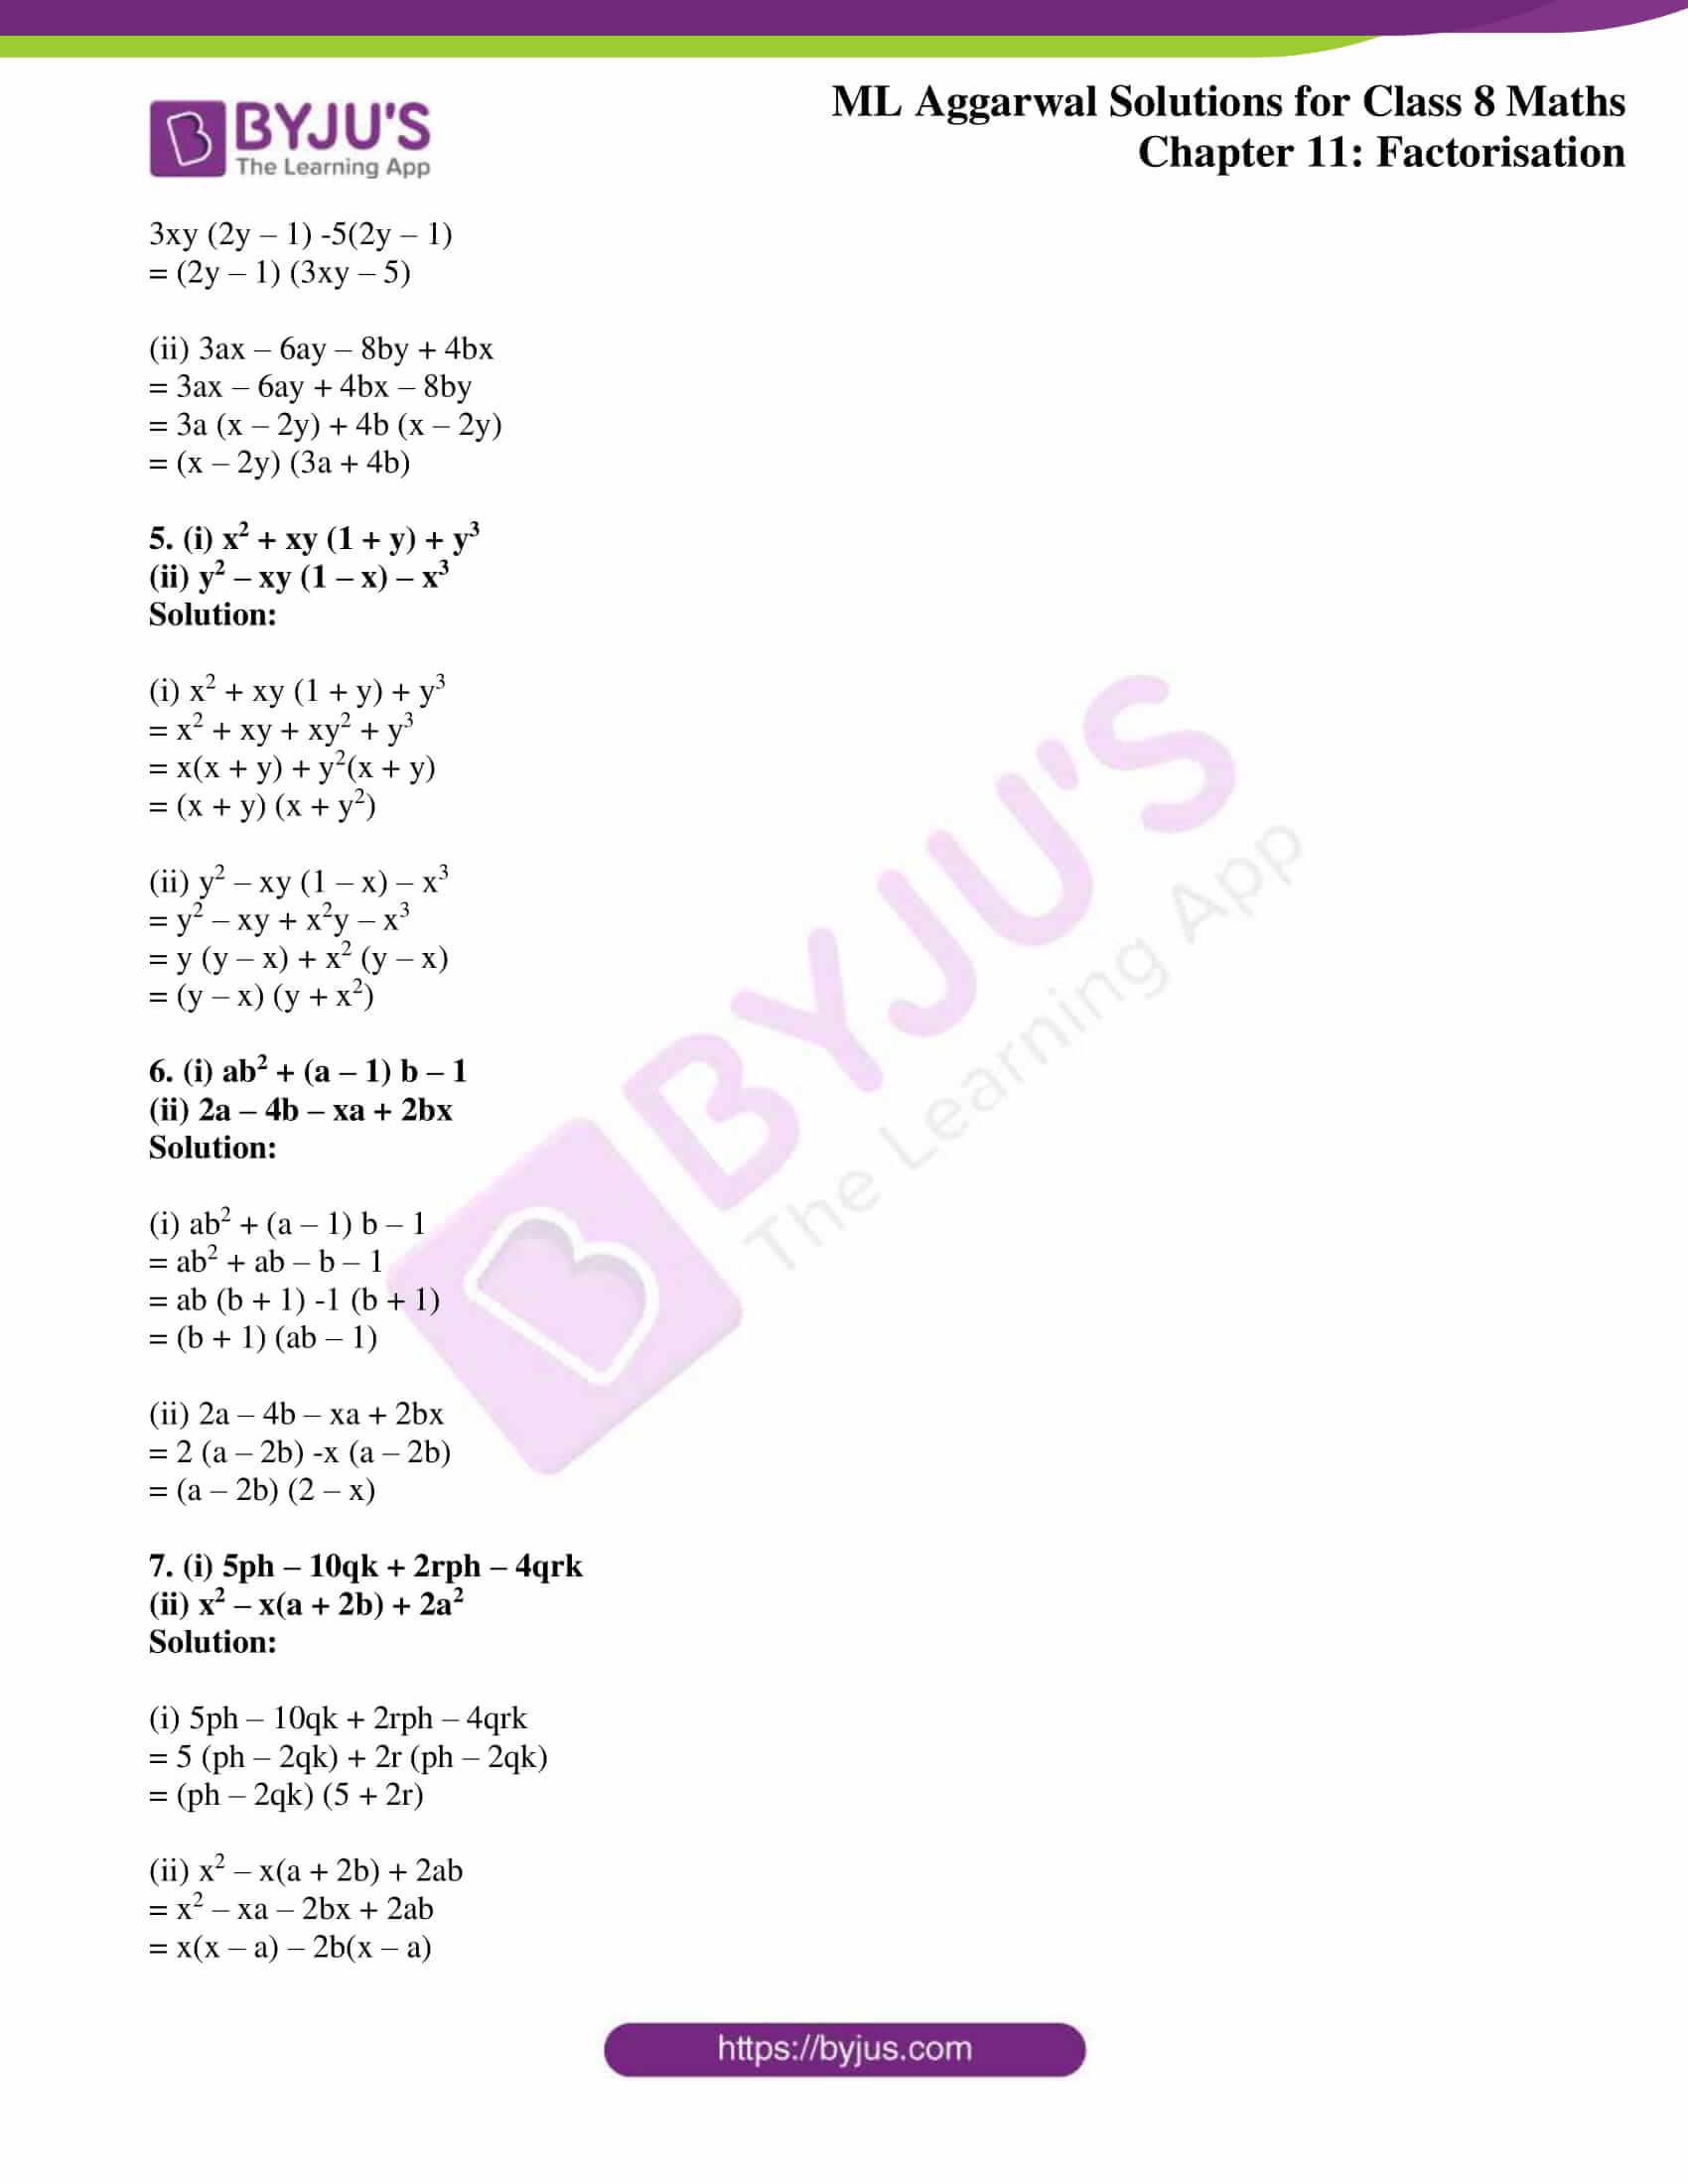 ml aggarwal sol mathematics class 8 ch 11 04